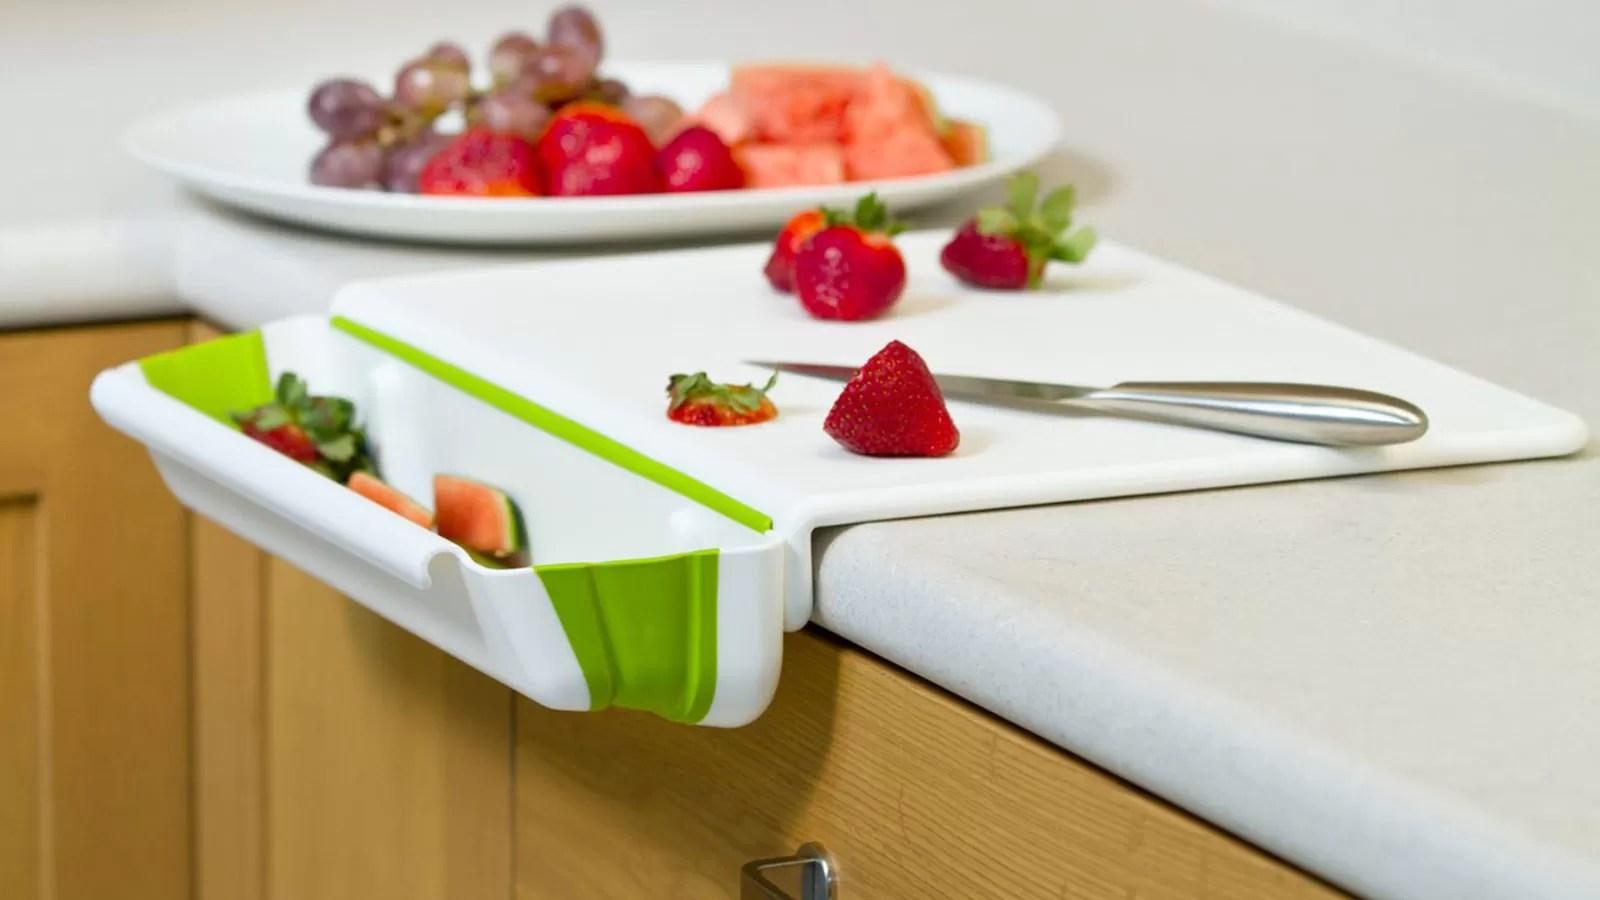 cheap kitchen utensils aid mixer cream 10 practical under 50